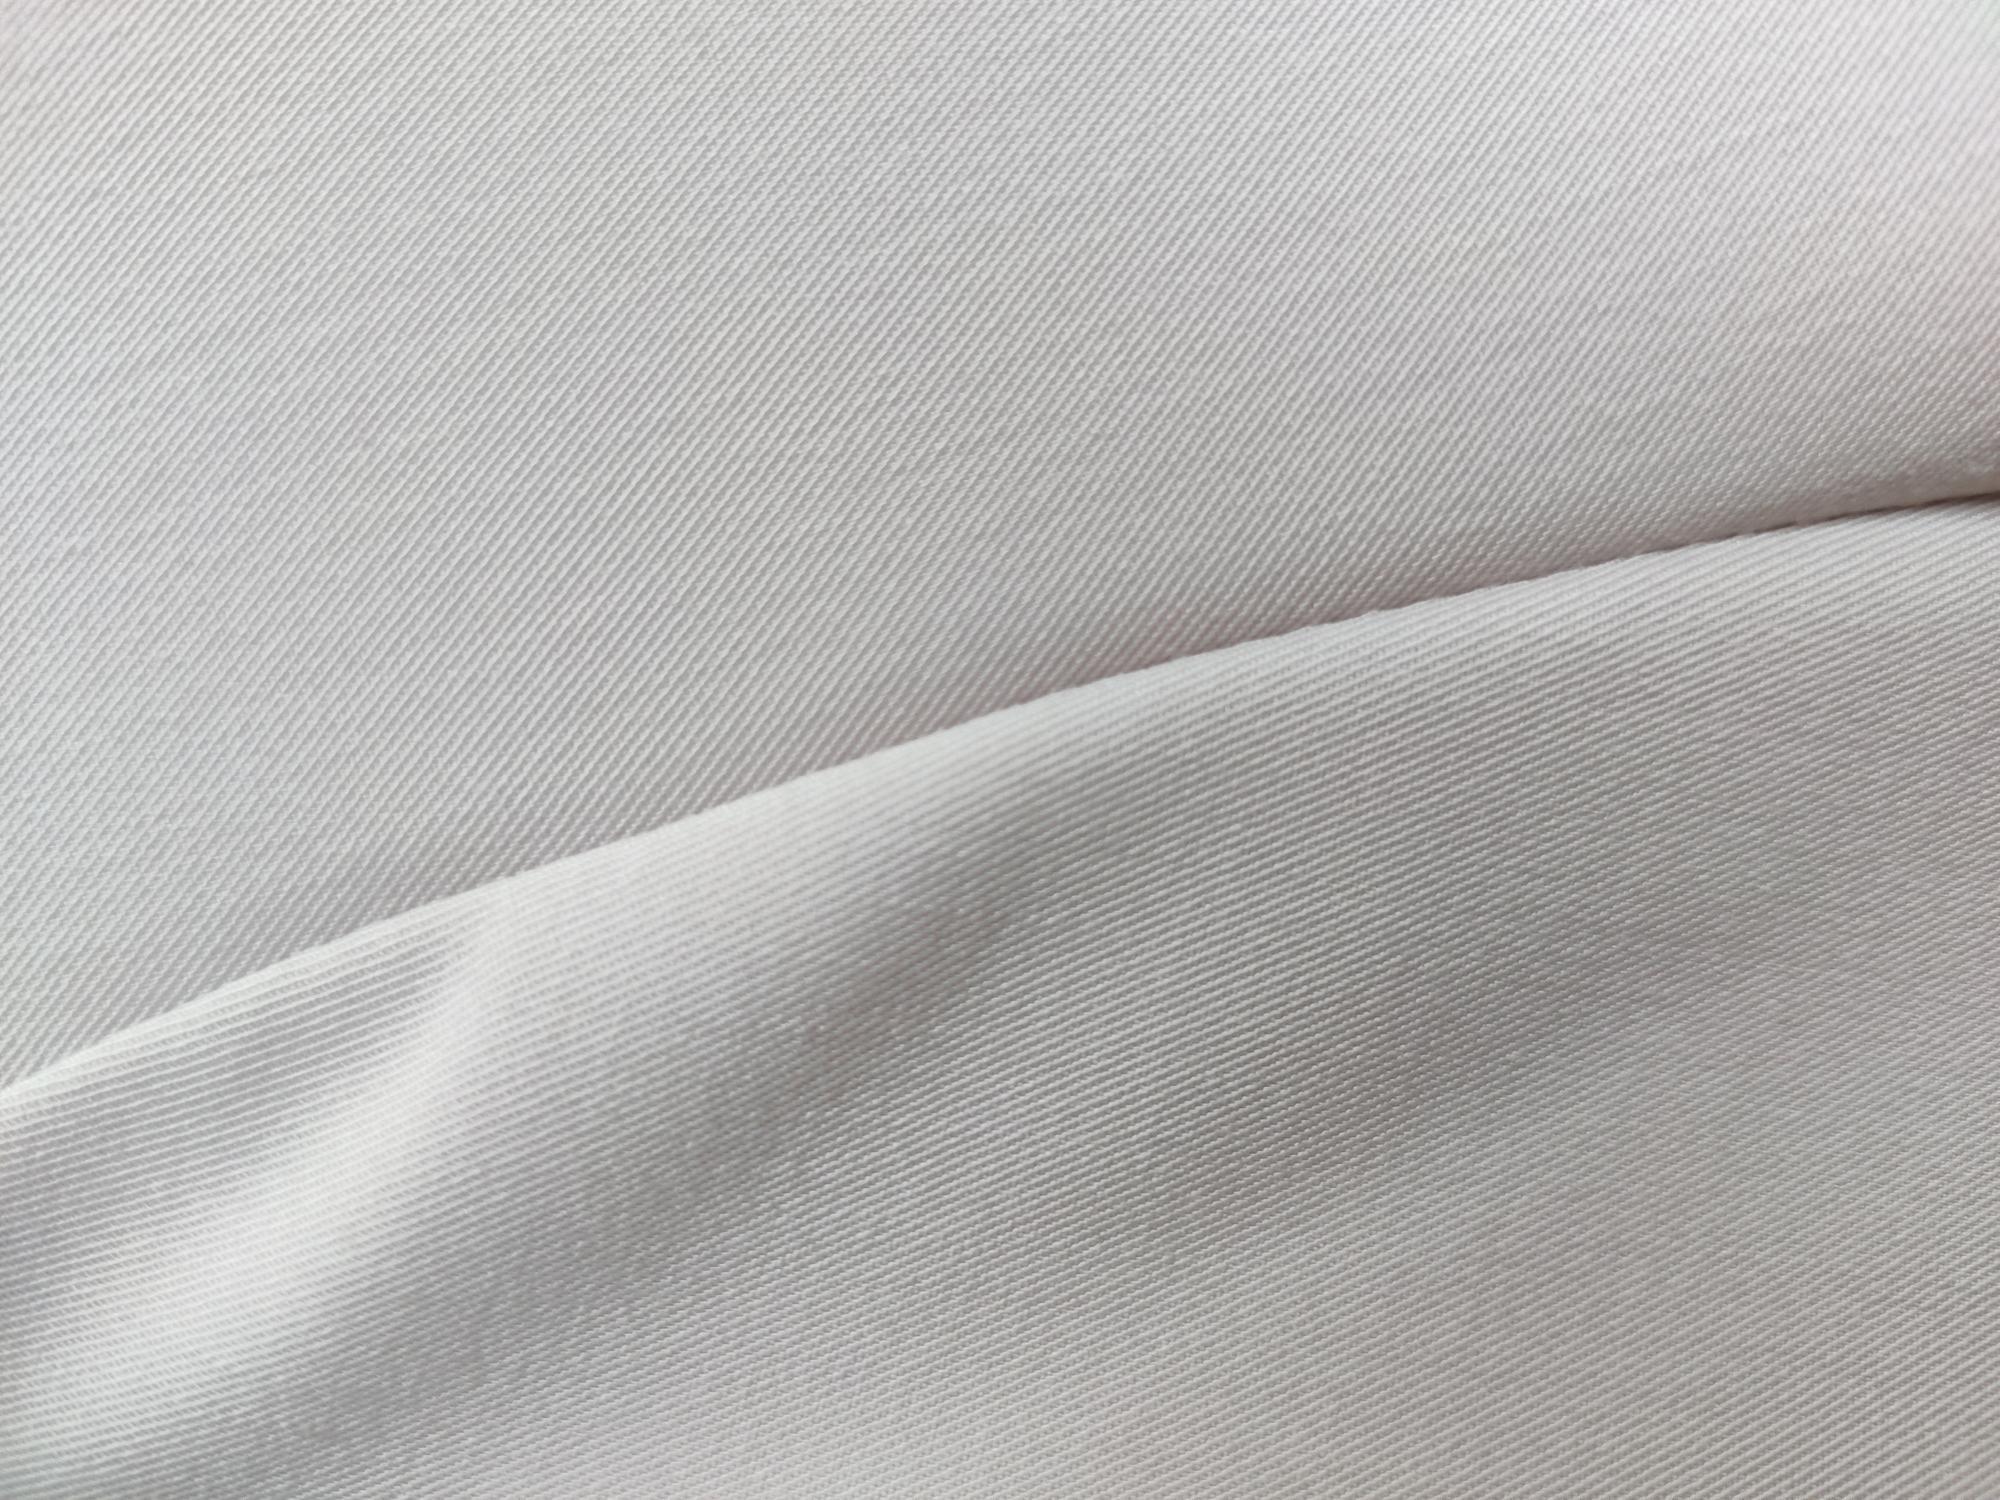 bluzka z plisowanymi rękawami szara - Resort Living